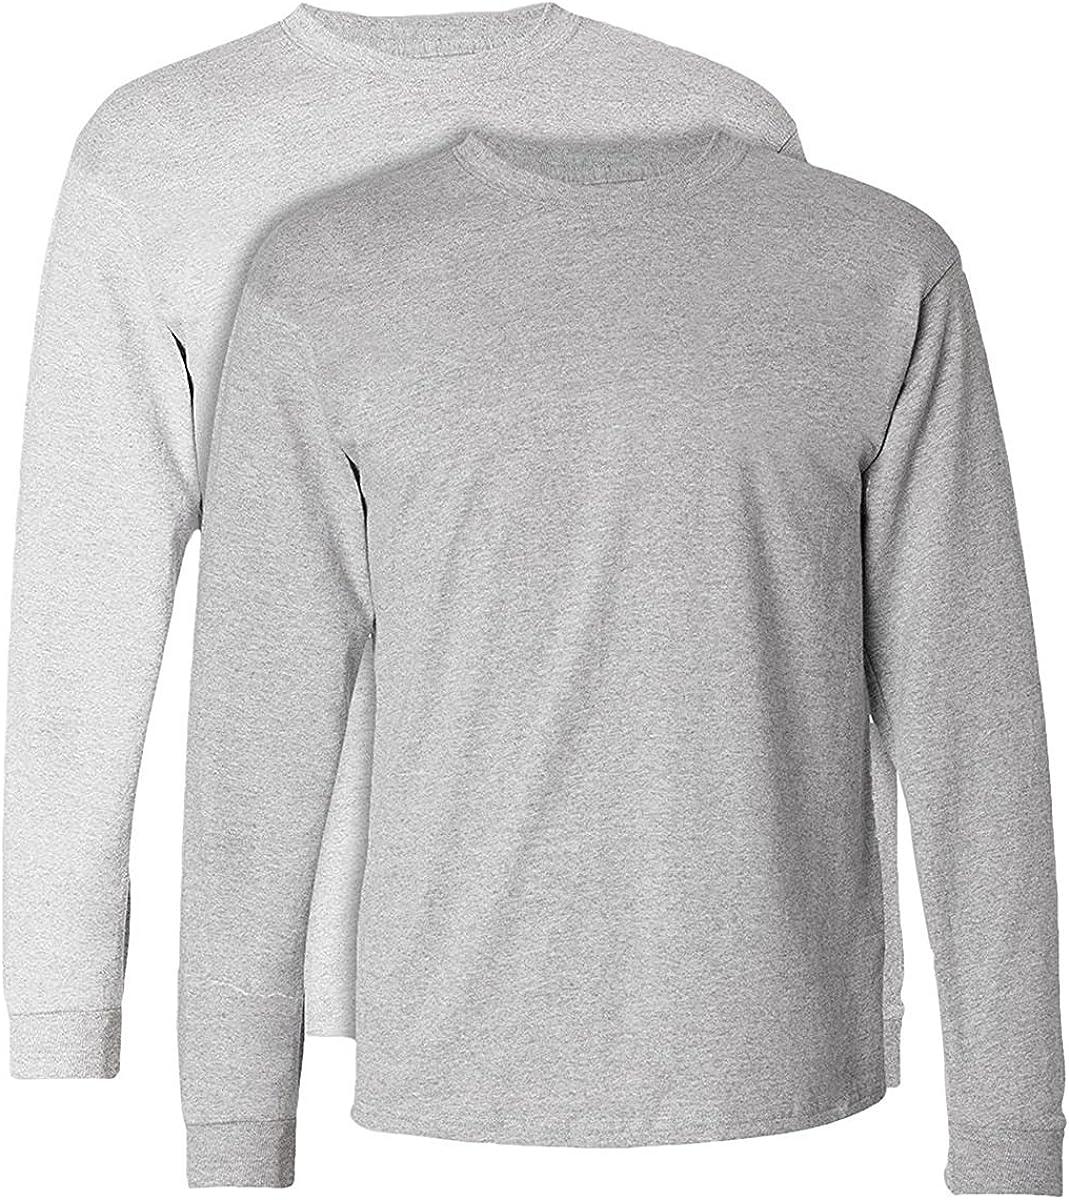 Set of 2 Hanes TAGLESS Long-Sleeve T-Shirt